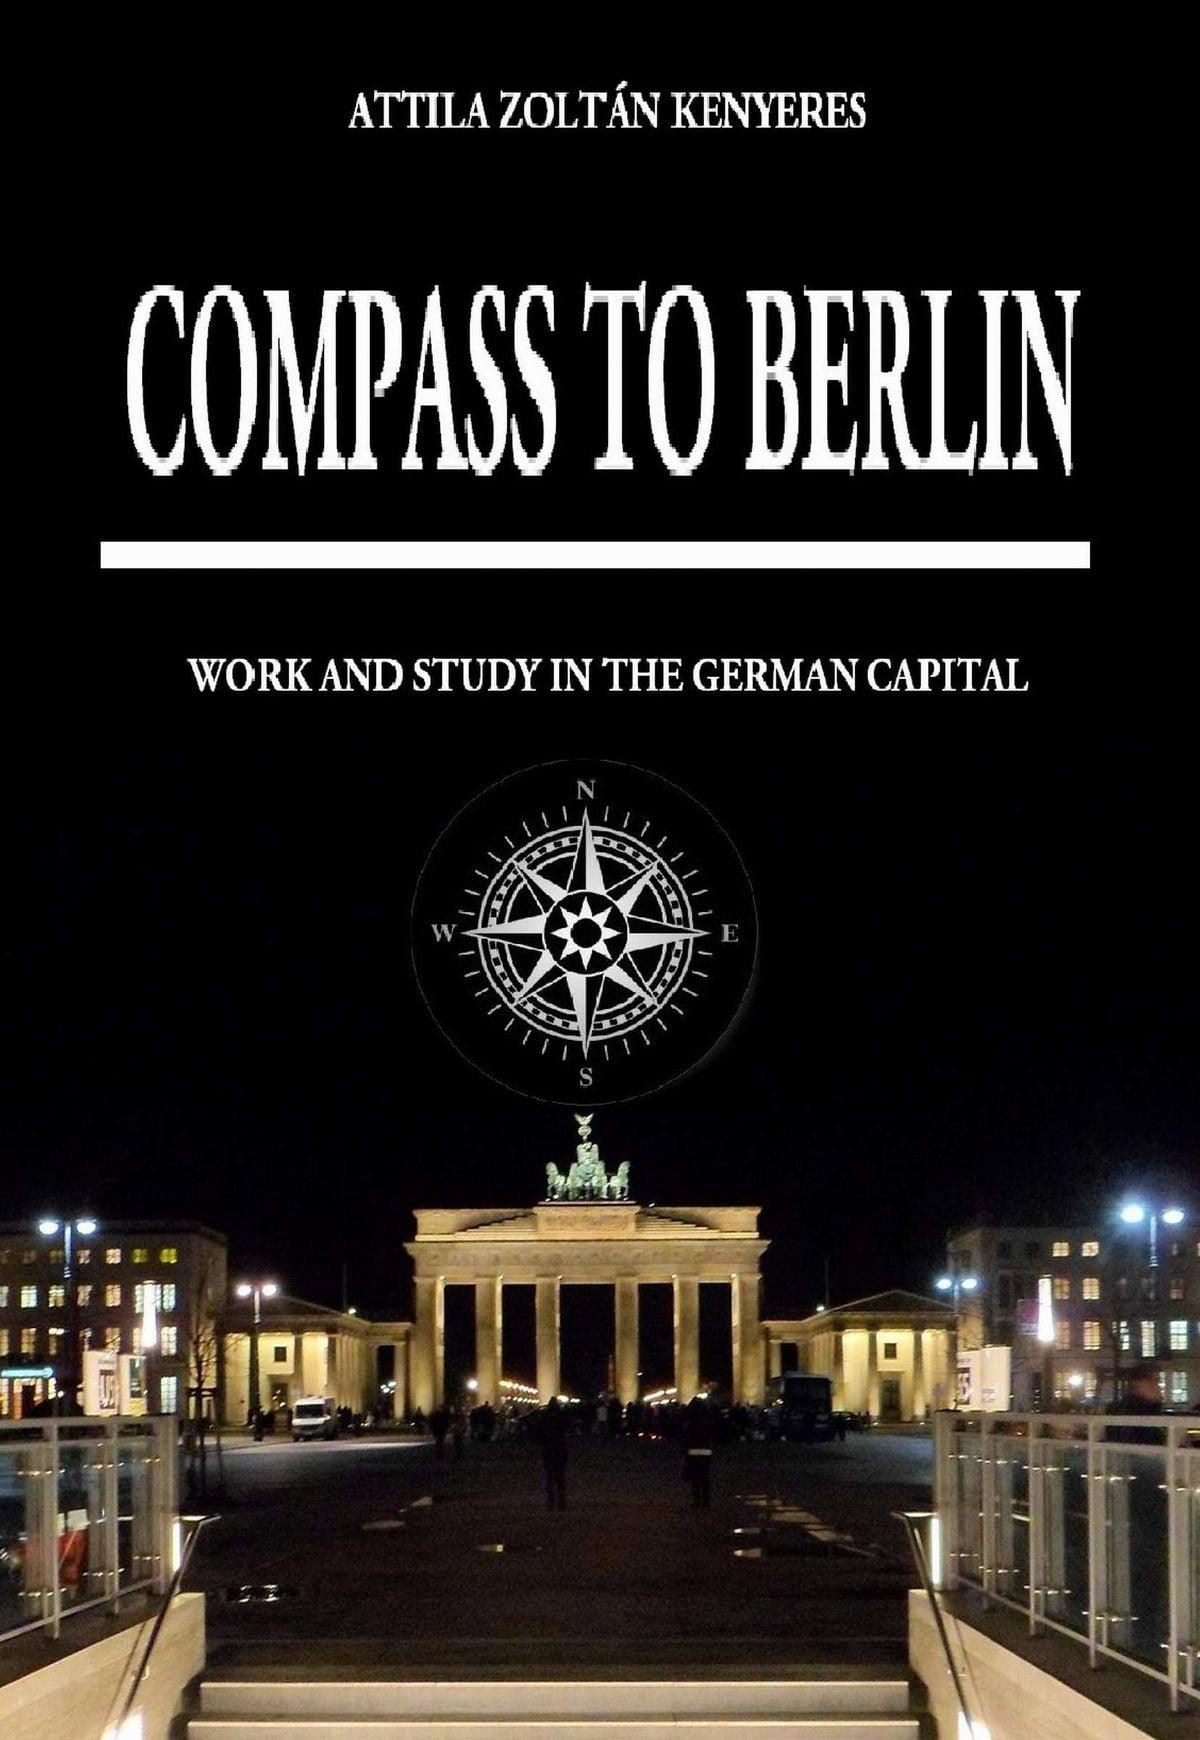 Compass Berlin